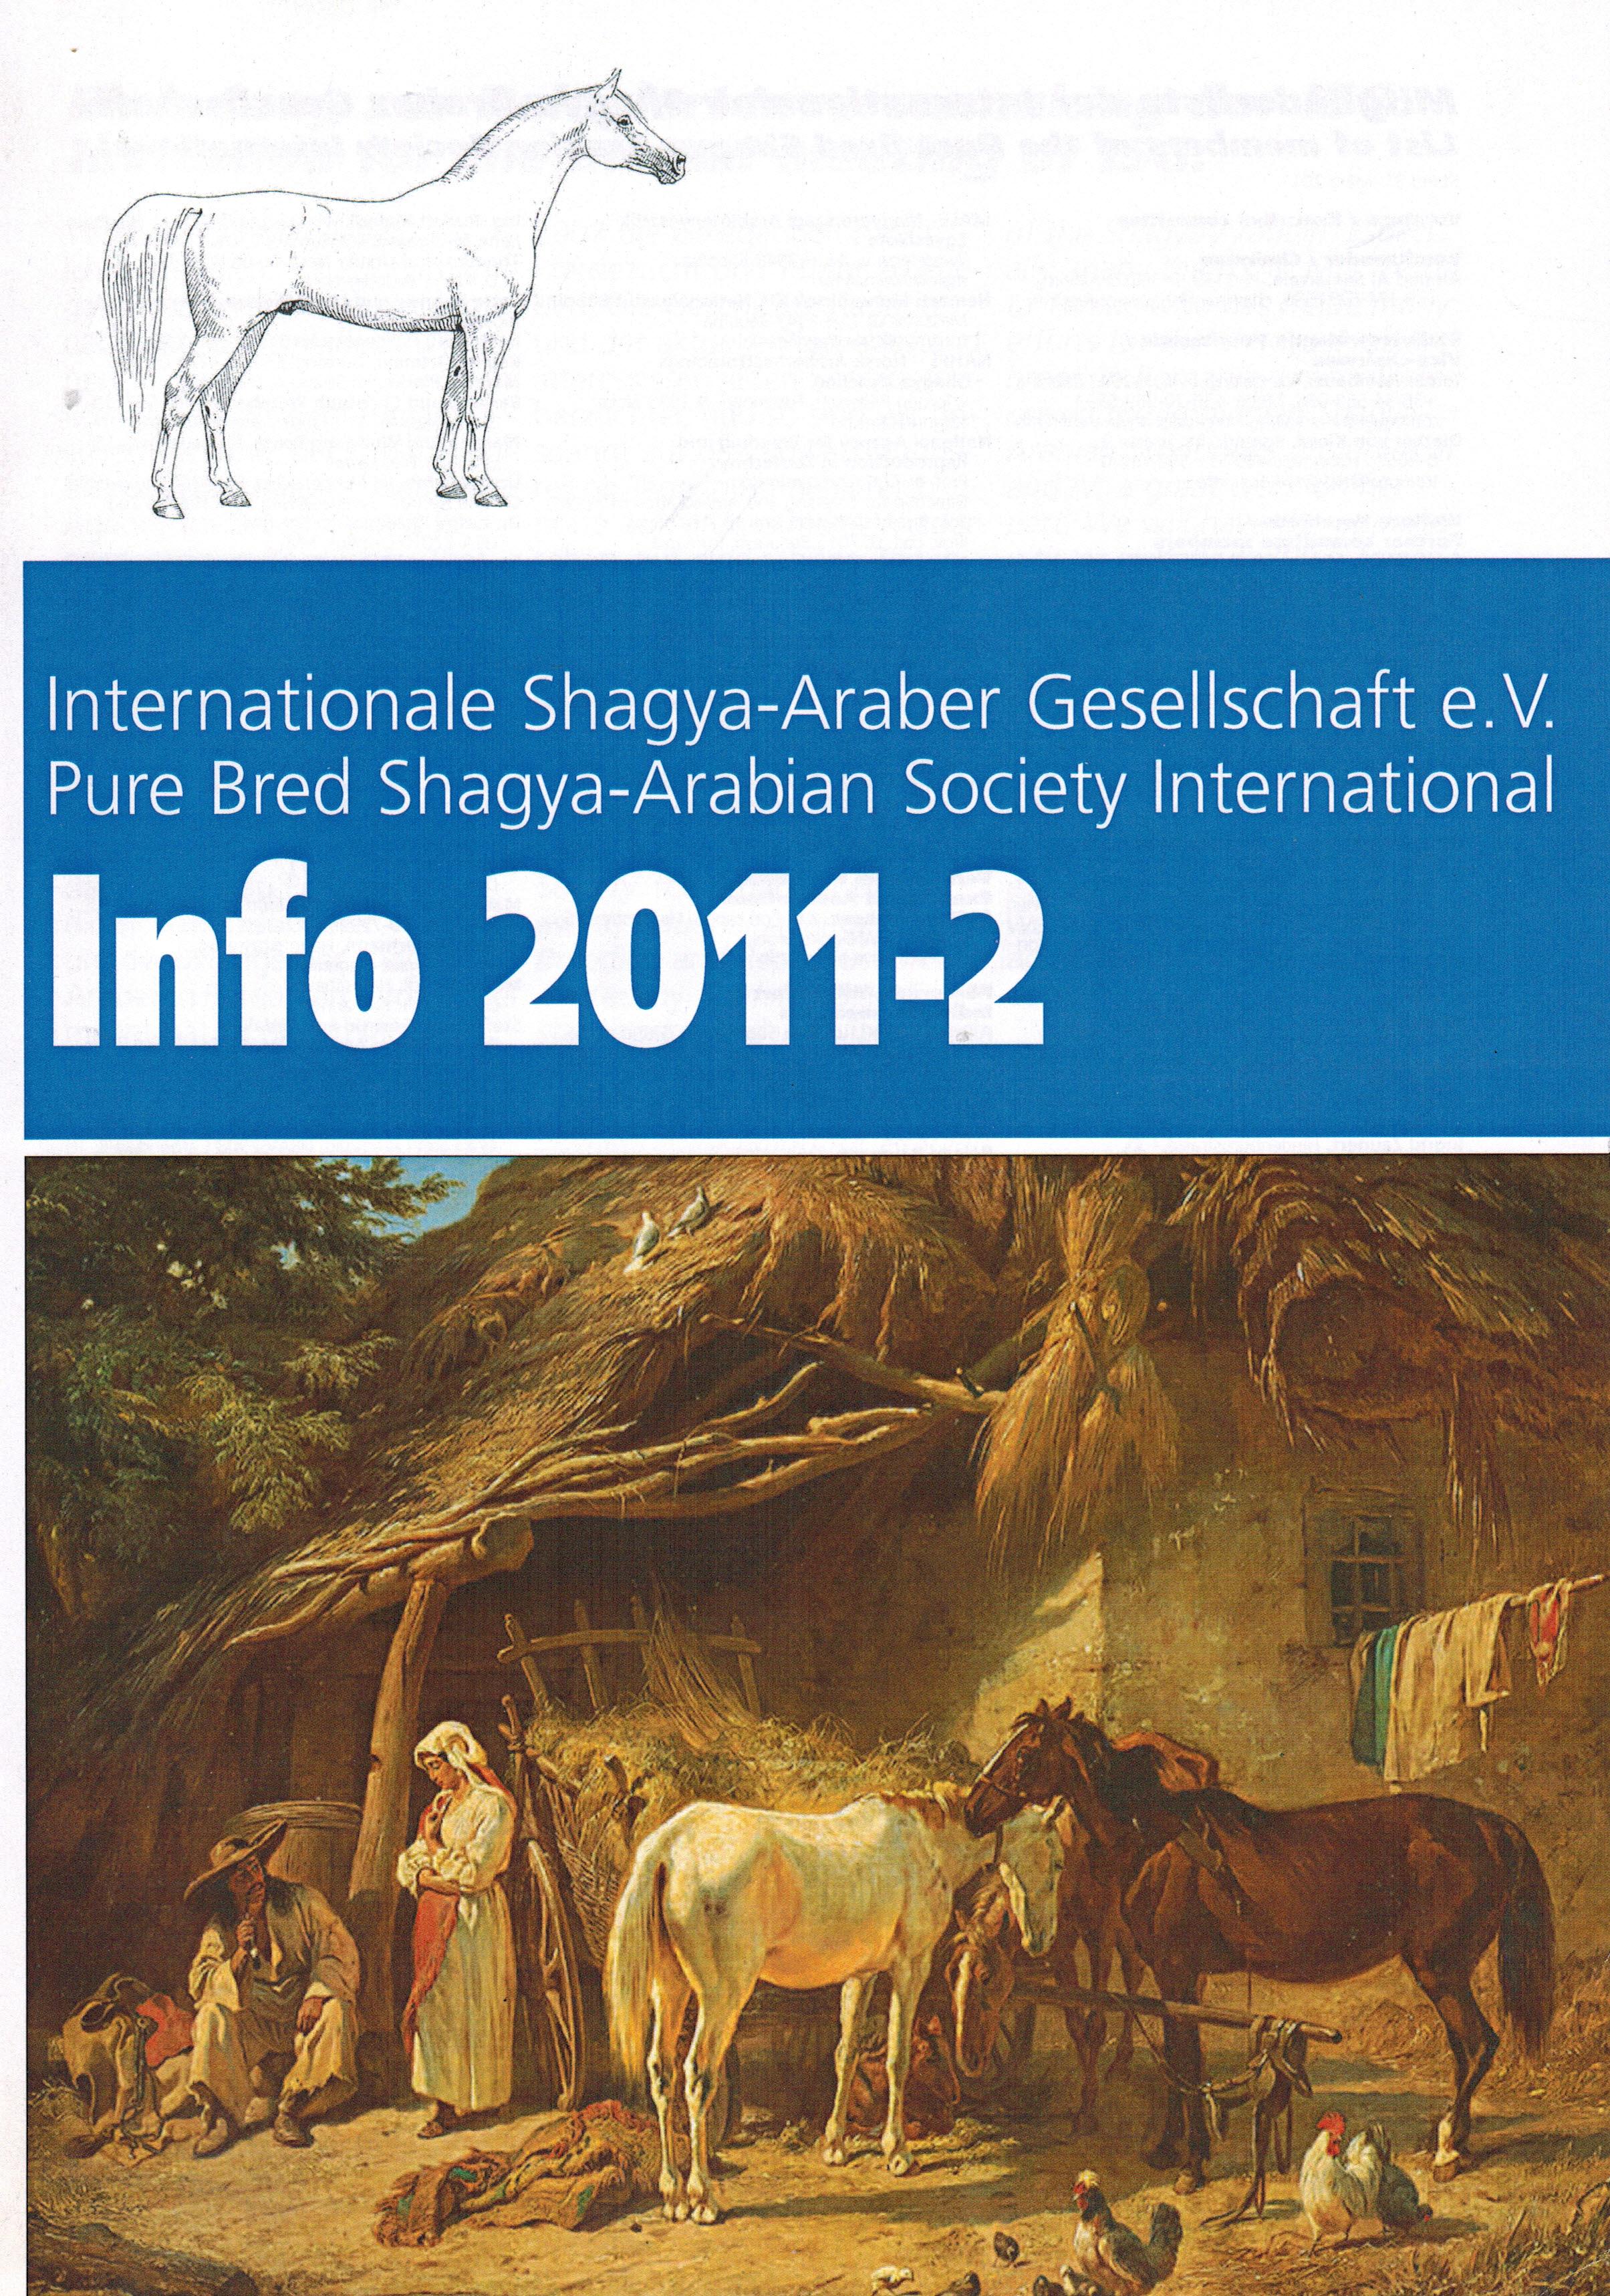 ISG und SAVS Info 2011-2